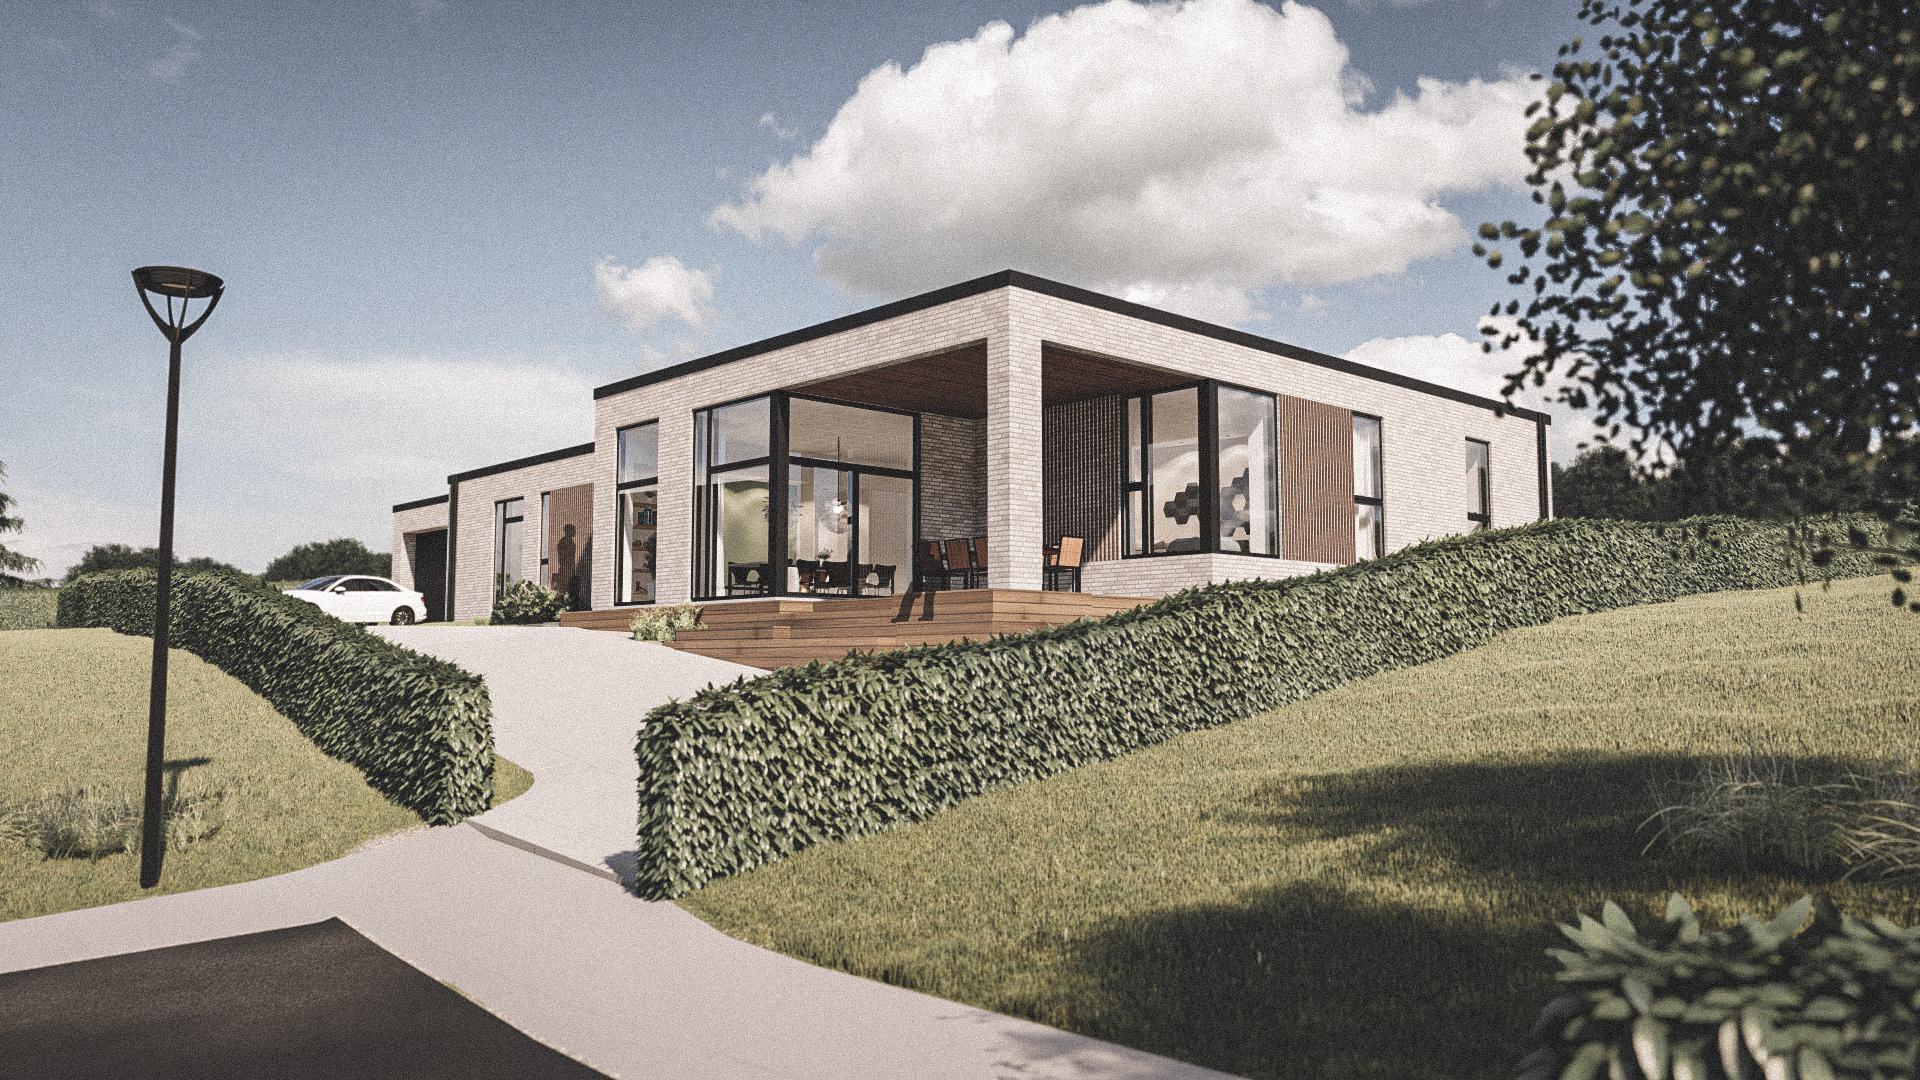 Billede af Dansk arkitekttegnet 1 plan villa af arkitektfirmaet m2plus, i Viborg på 201 kvartratmeter.